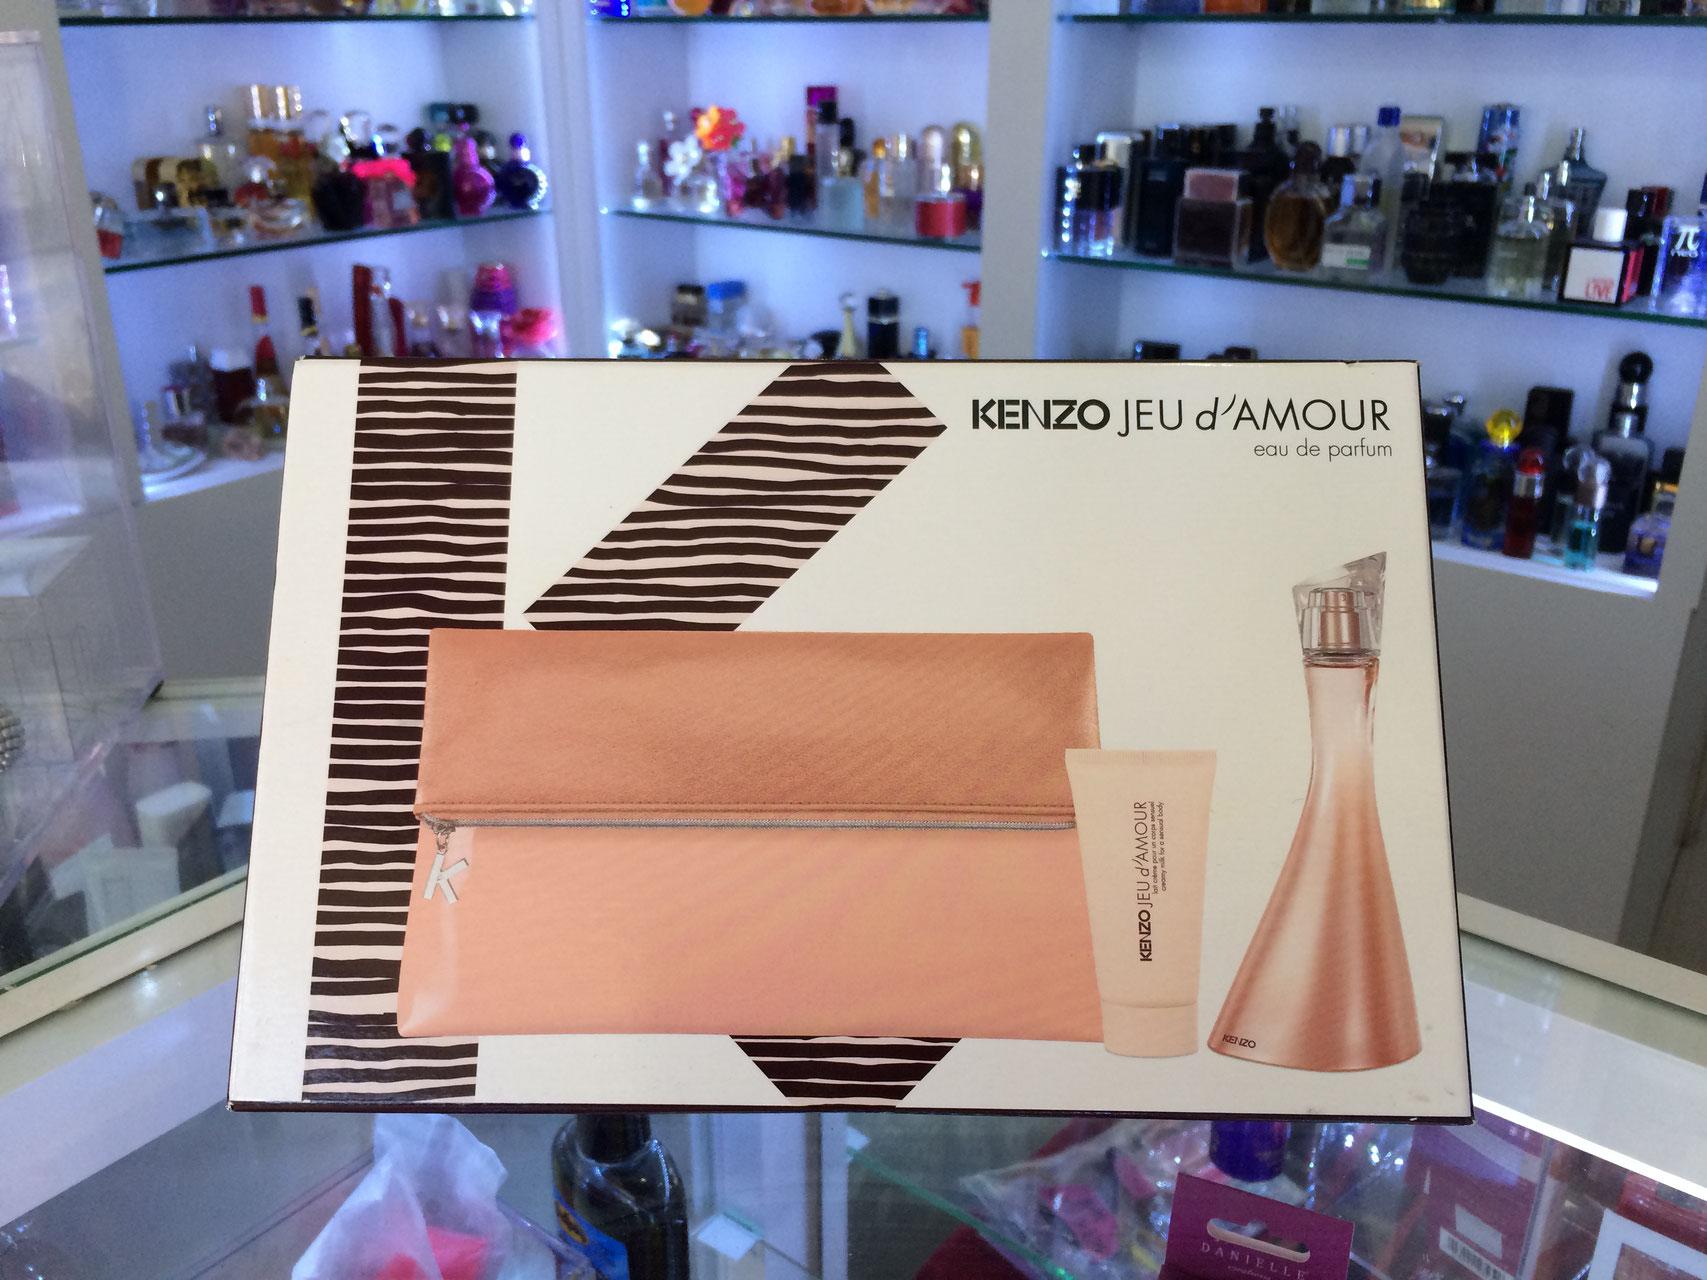 Kenzo La Línea A Perfumes En Venta wONnm08v